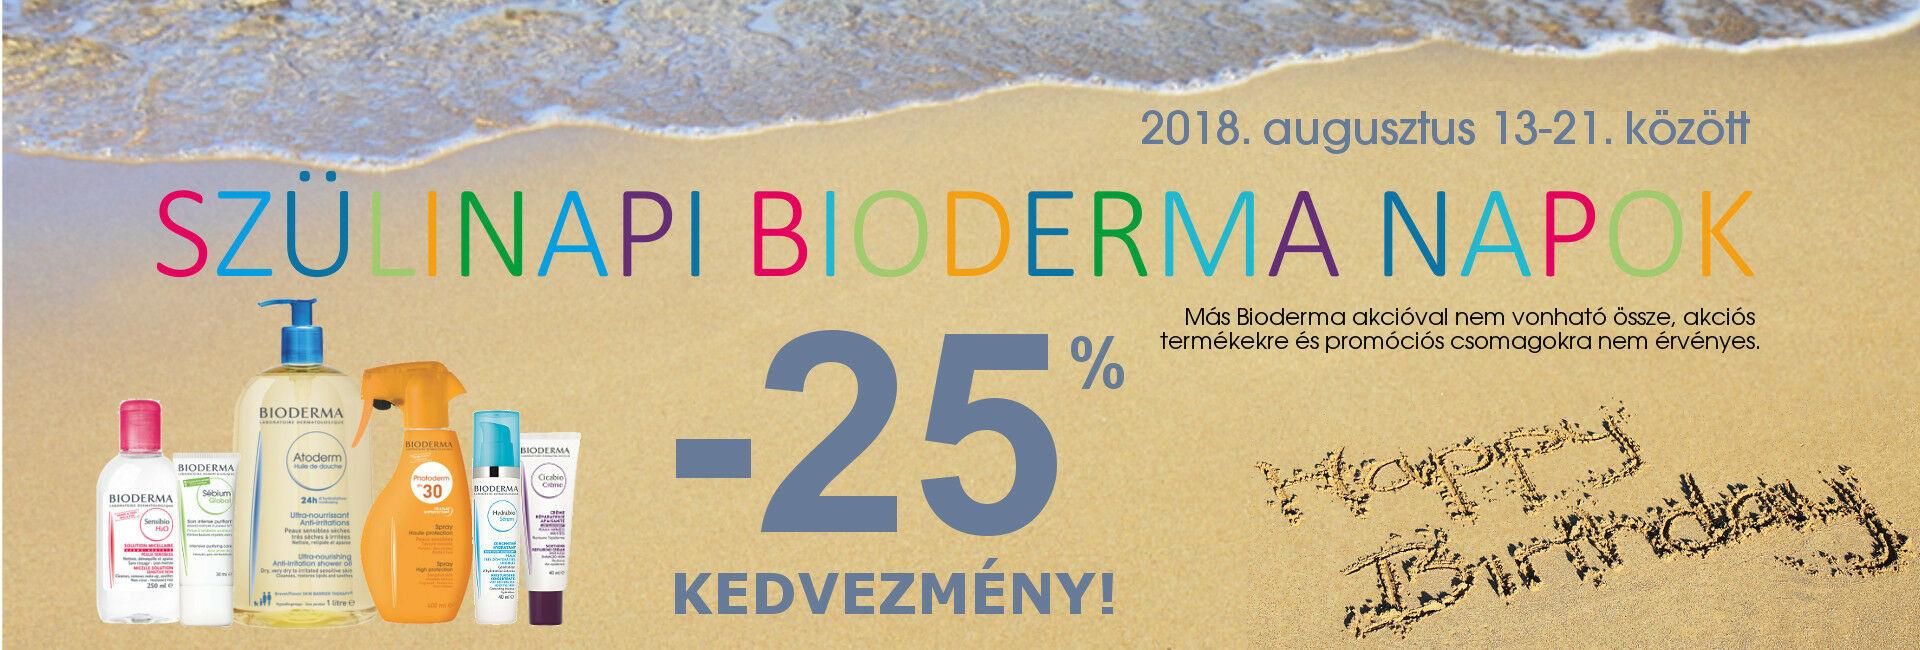 SZületésnapi Bioderma Napok: 2018. augusztus 13-21. között minden Bioderma termékre 25-50% kedvezményt adunk!